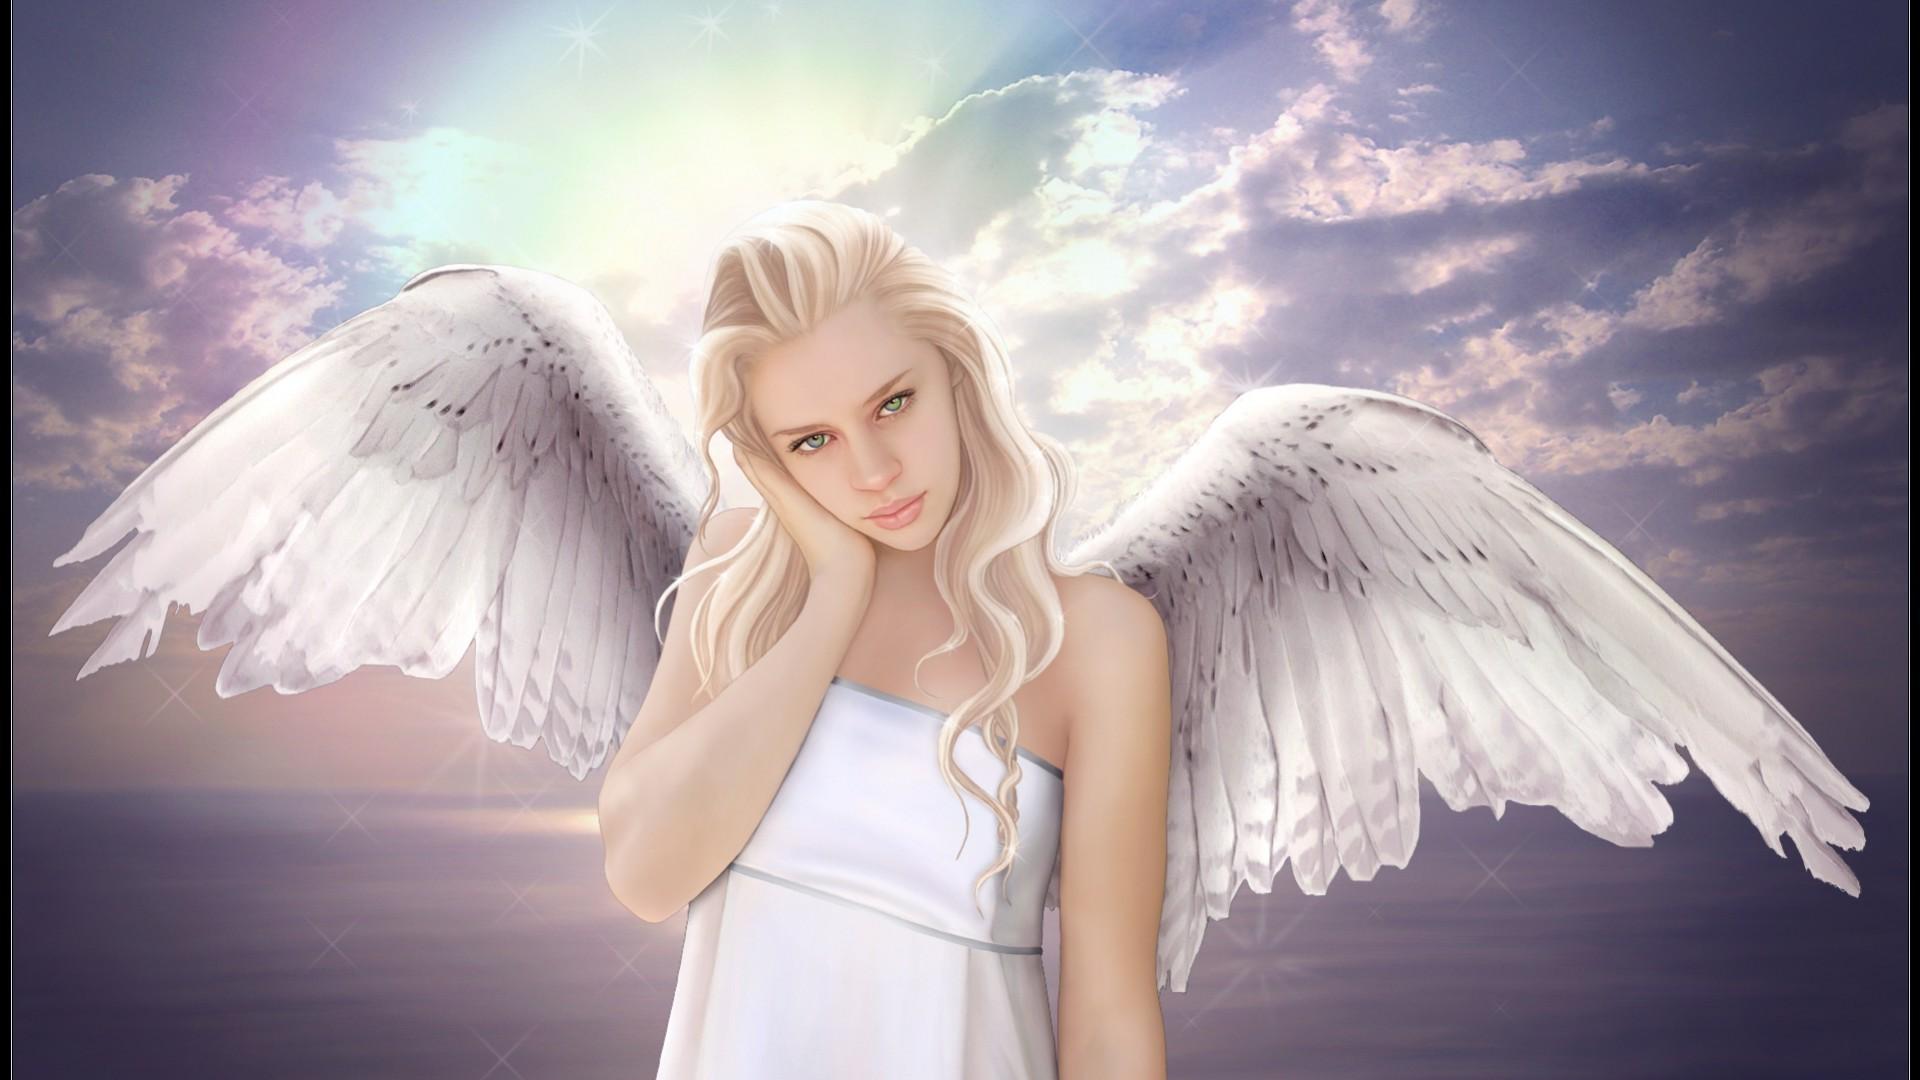 Ангельски красивые девушки